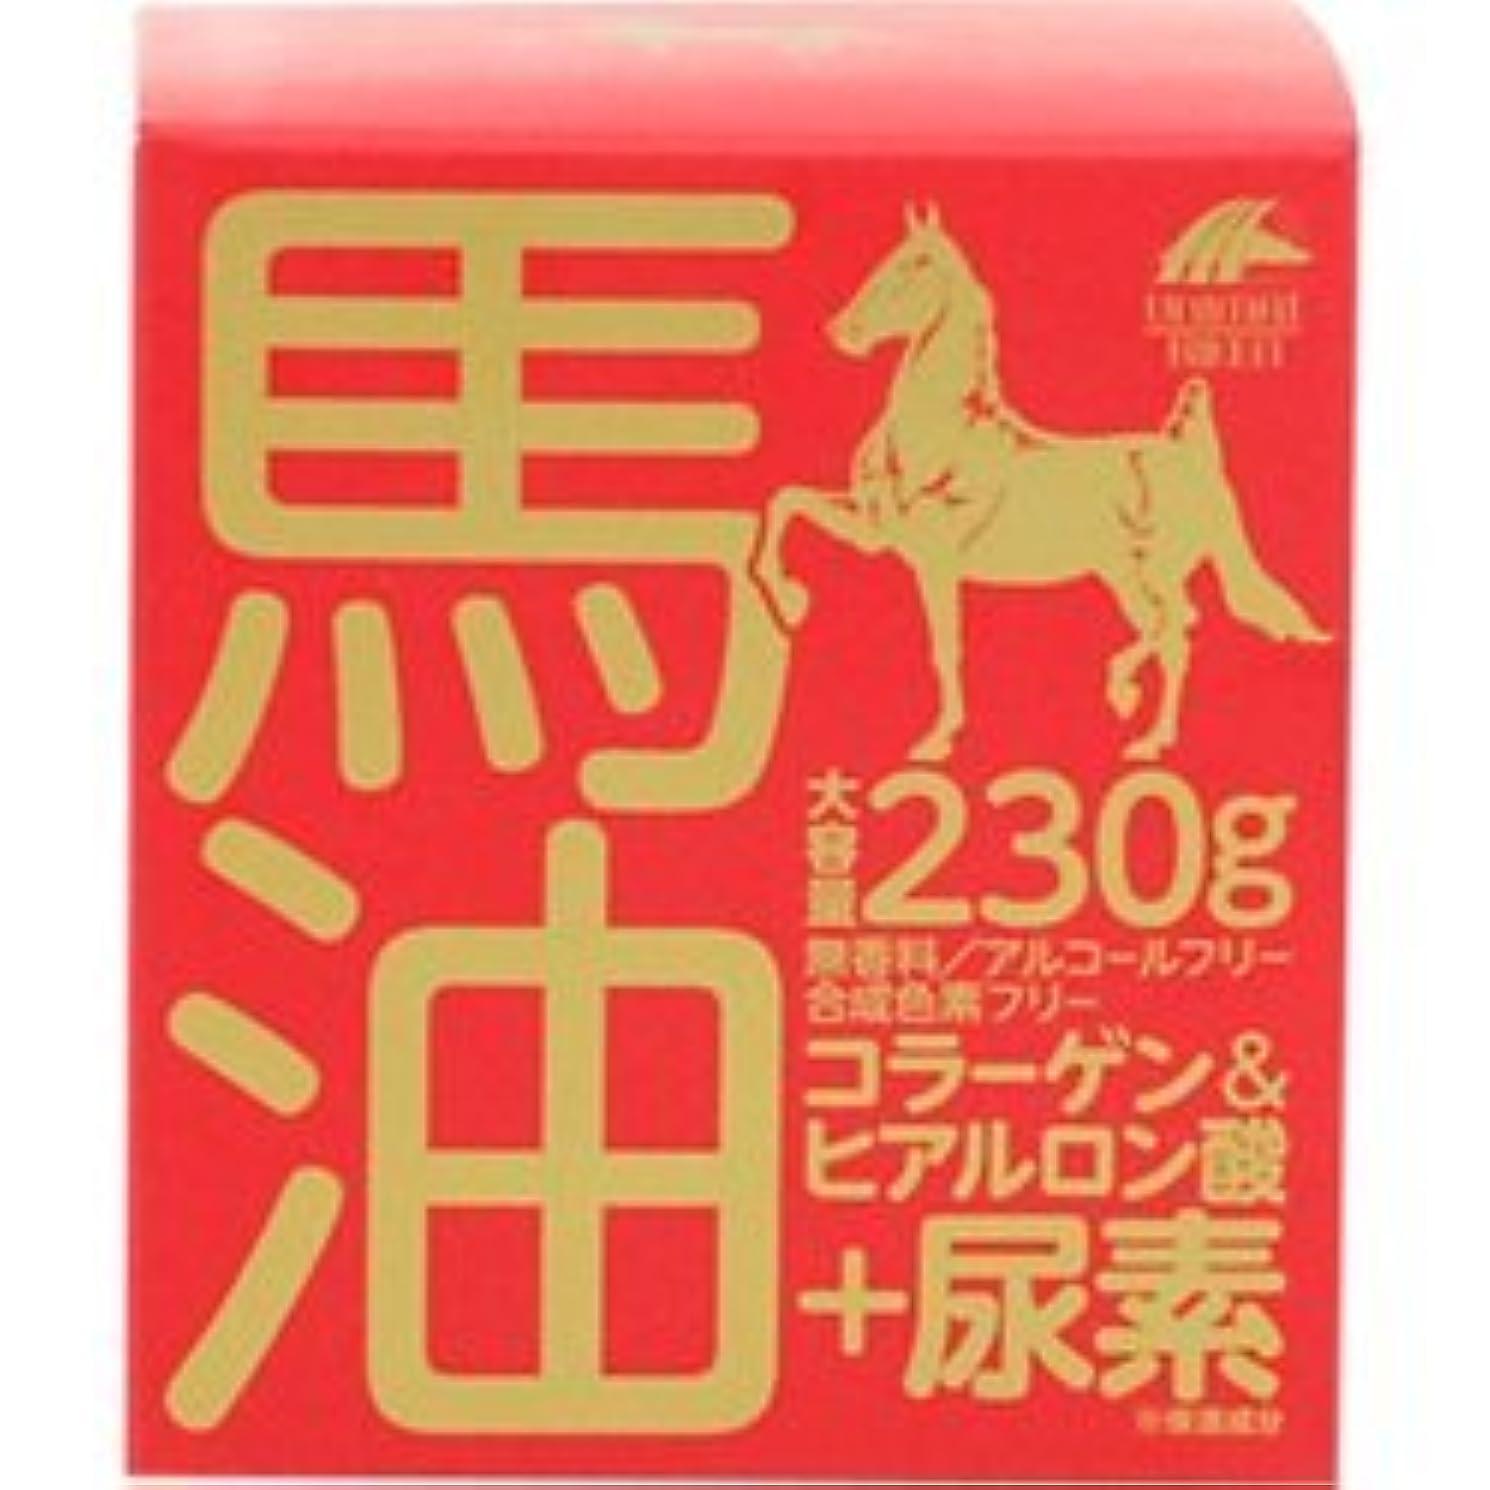 減少証明書挑発する【ユニマットリケン】馬油クリーム+尿素 230g ×20個セット